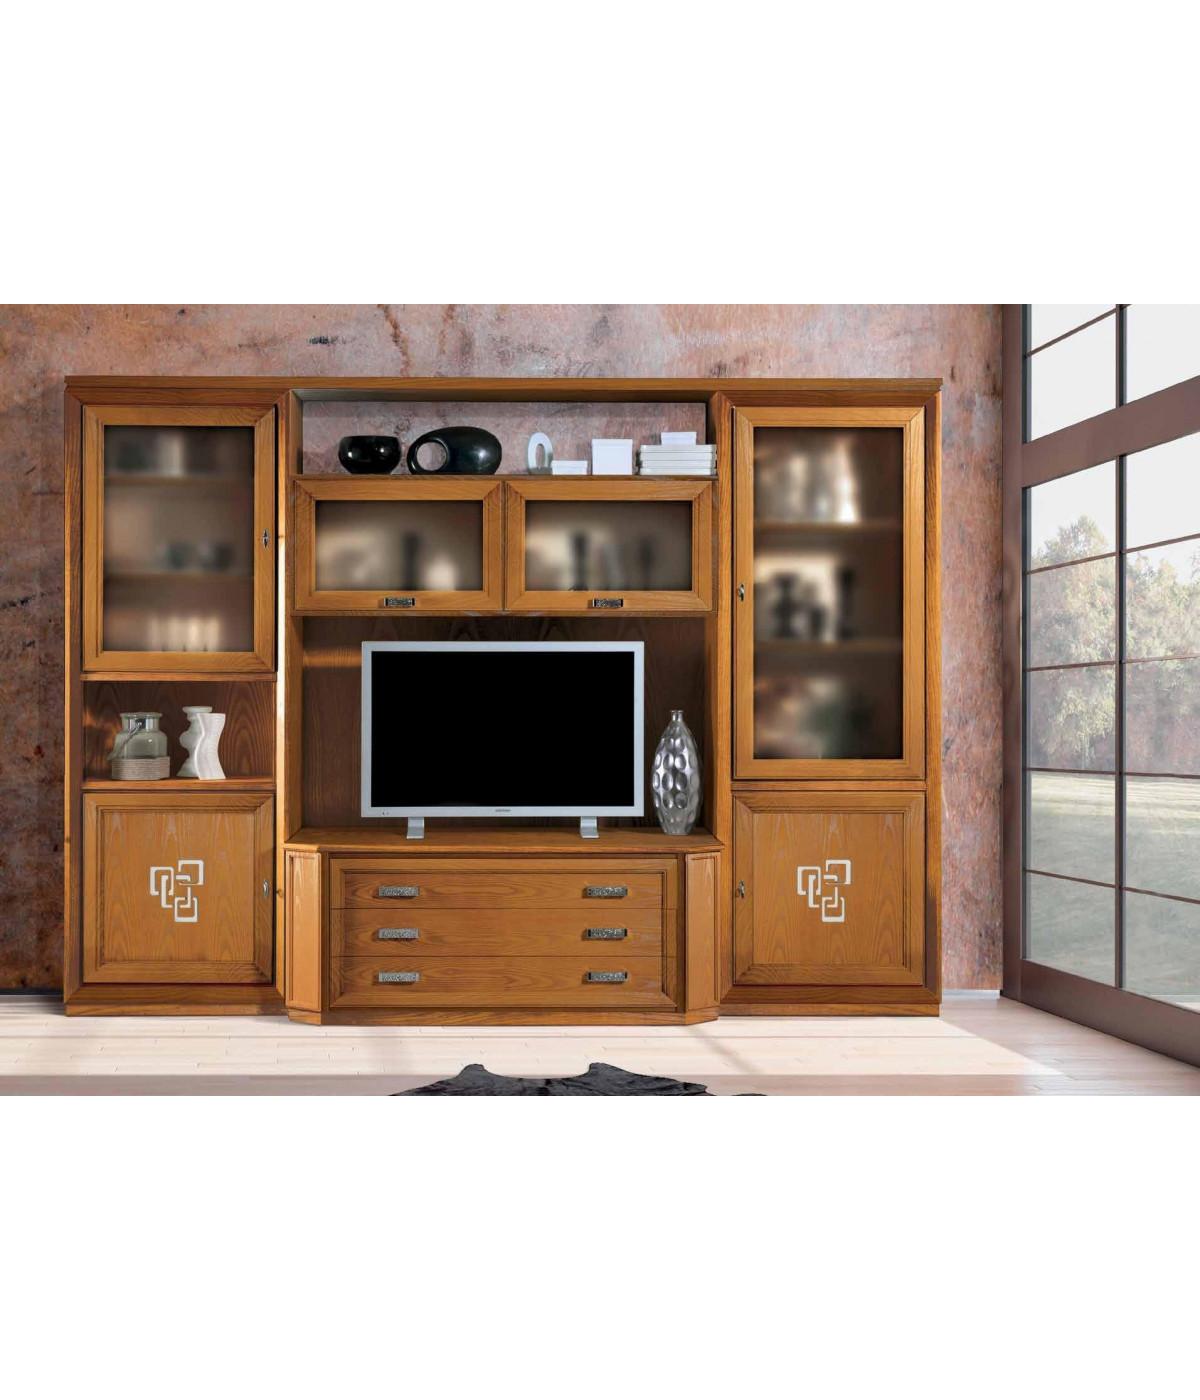 MOBILI 2G - INTERPARETE PORTA TV IN FRASSINO CHIARO PORO APERTO SEMILUCIDO  CON ZOCCOLO  L.313 P.58 H.227